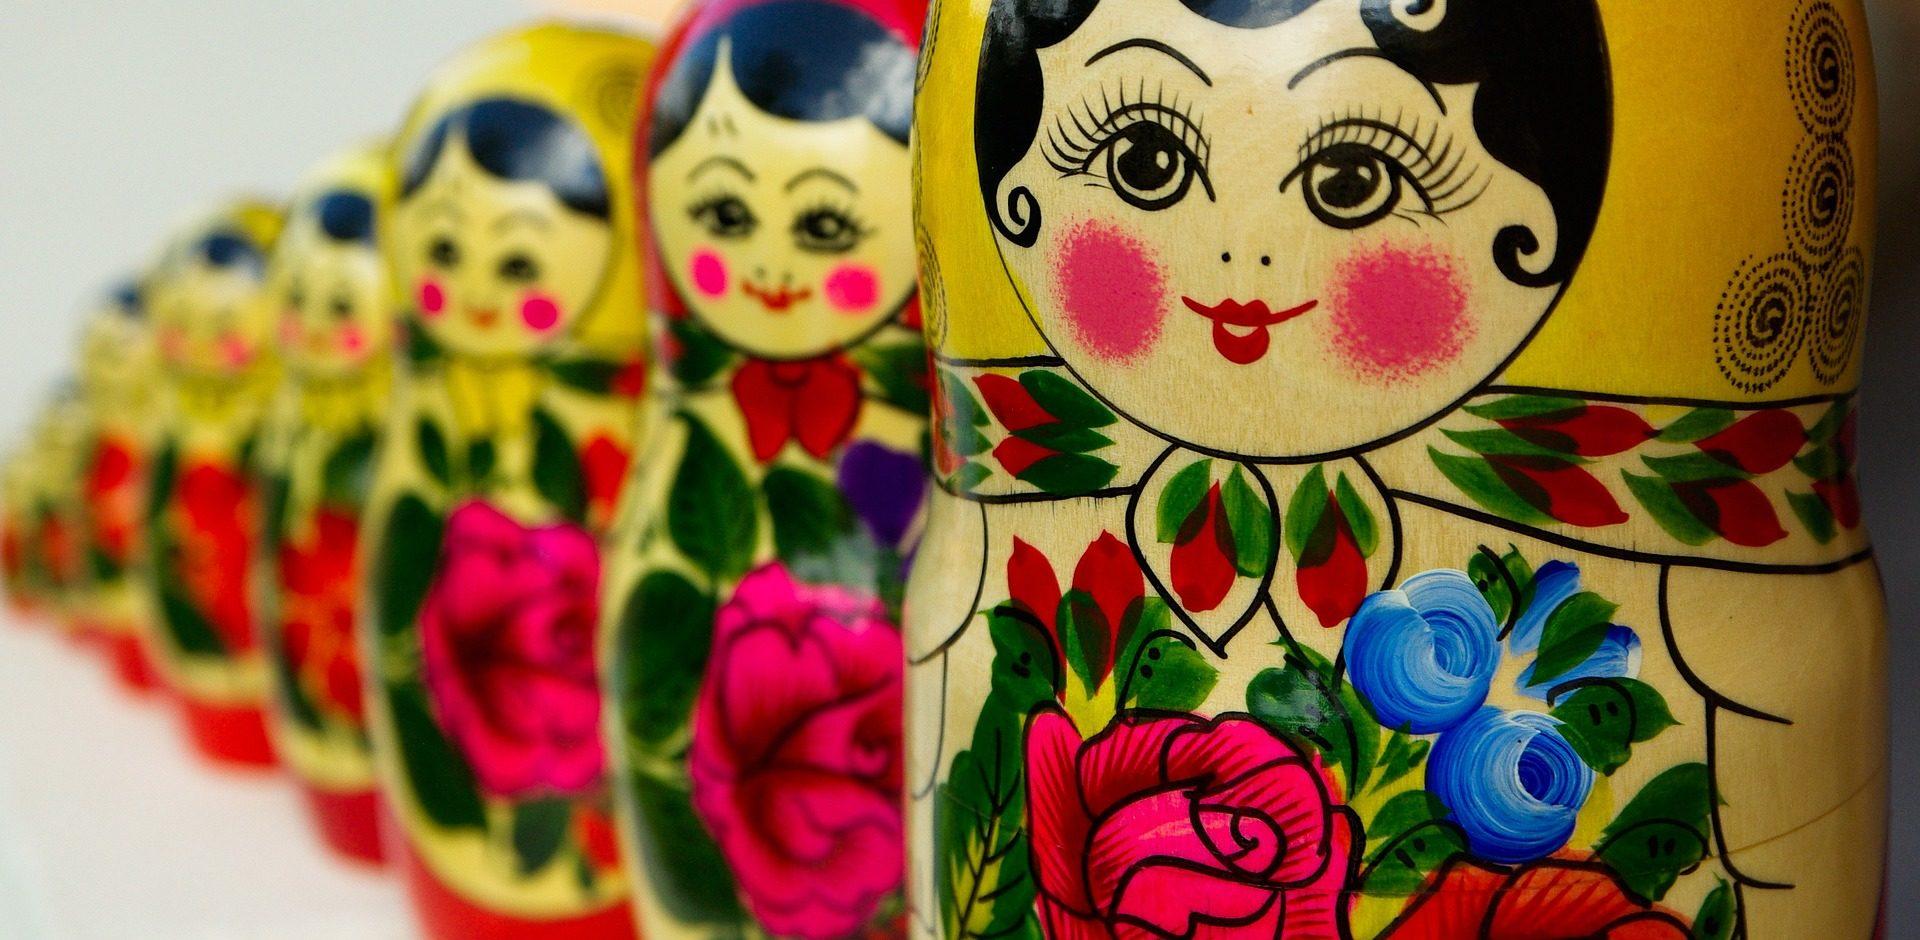 Motive sind verschachtelt wie russische Puppen – hinter einem Motiv steht oft ein anderes Motiv